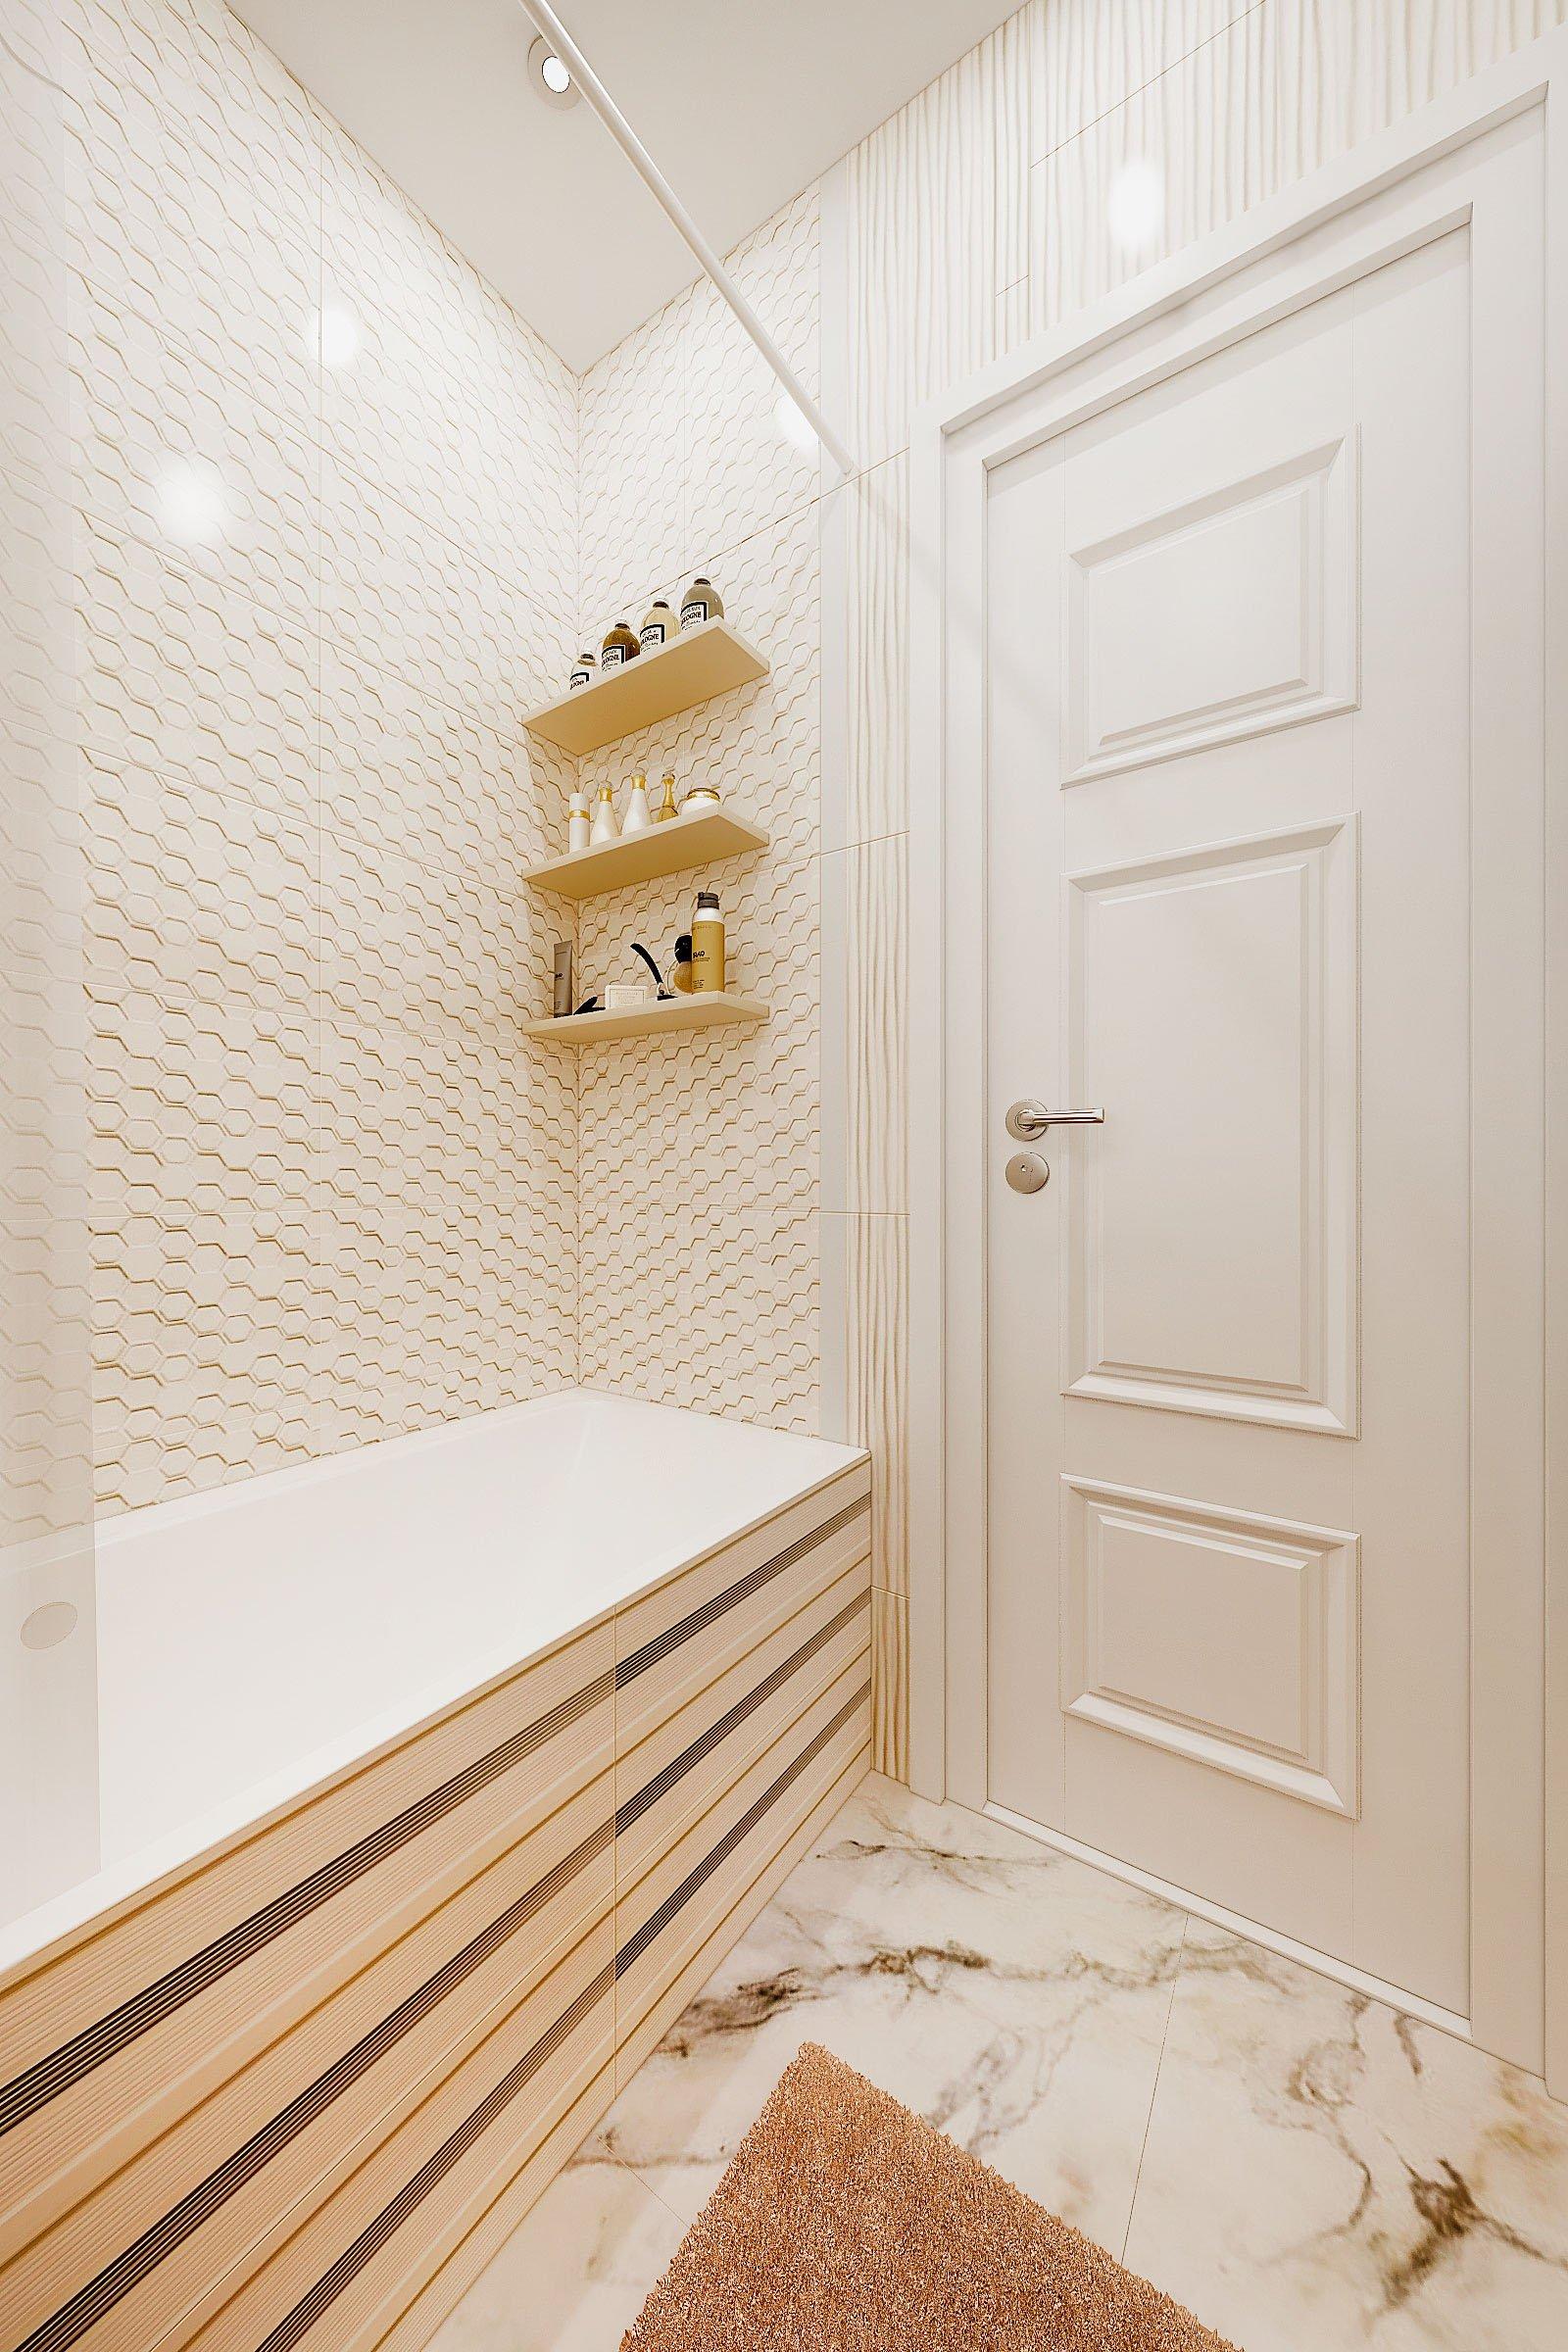 дизайн интерьера ванной в современном стиле, Гомель 2018, фото №4